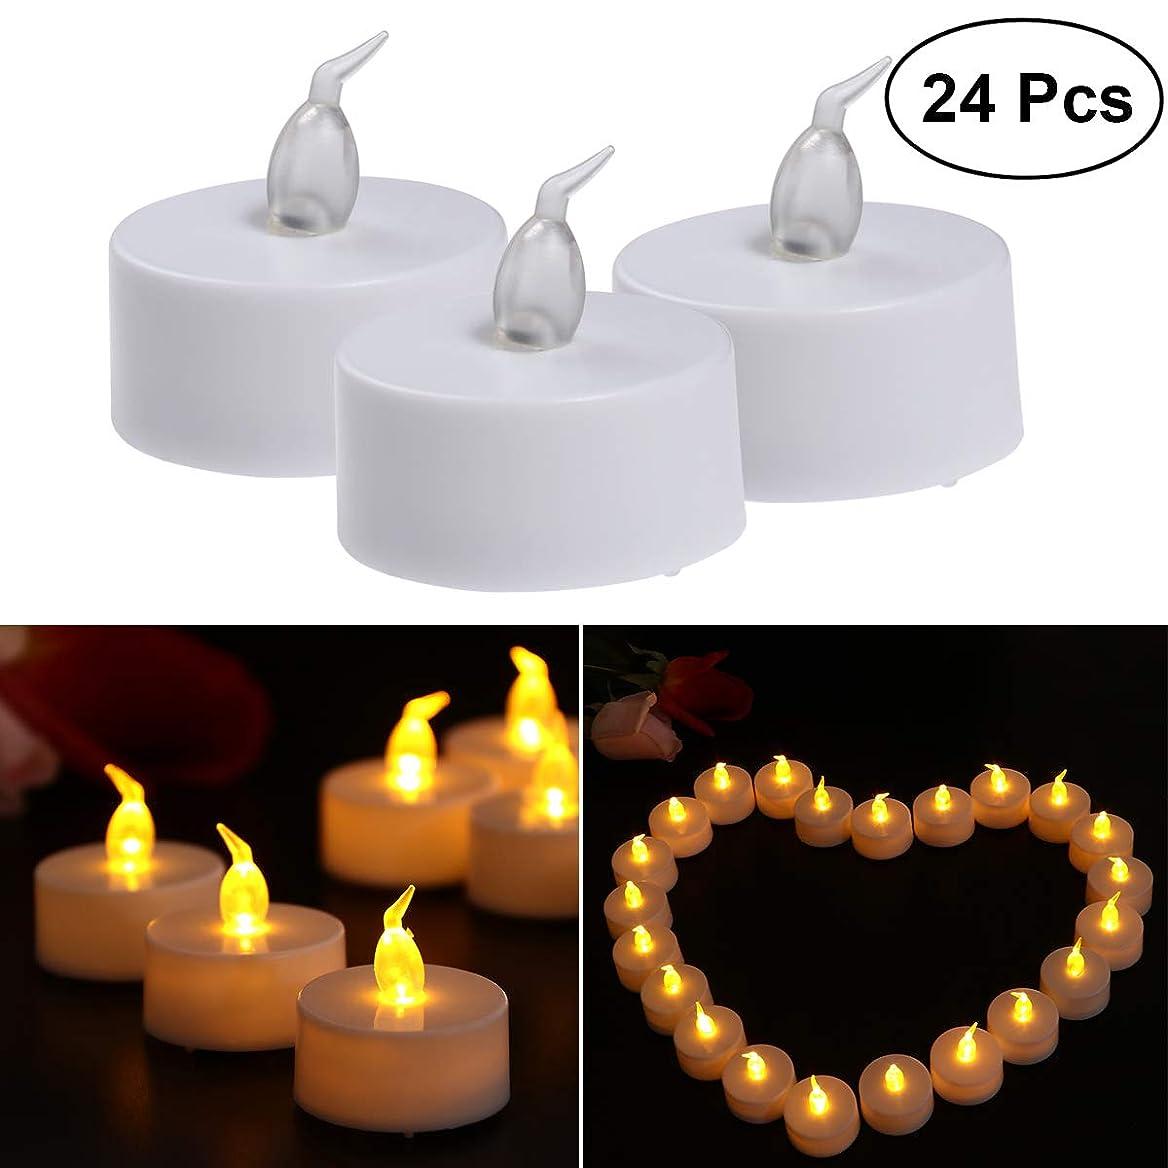 ええ思われる広告するVosarea キャンドル ライト LED キャンドルを点灯 電池で動作 プラスチック 誕生日 祭り 祝賀 3.8×4.2cm 24ピース(黄色のフラッシュライト)